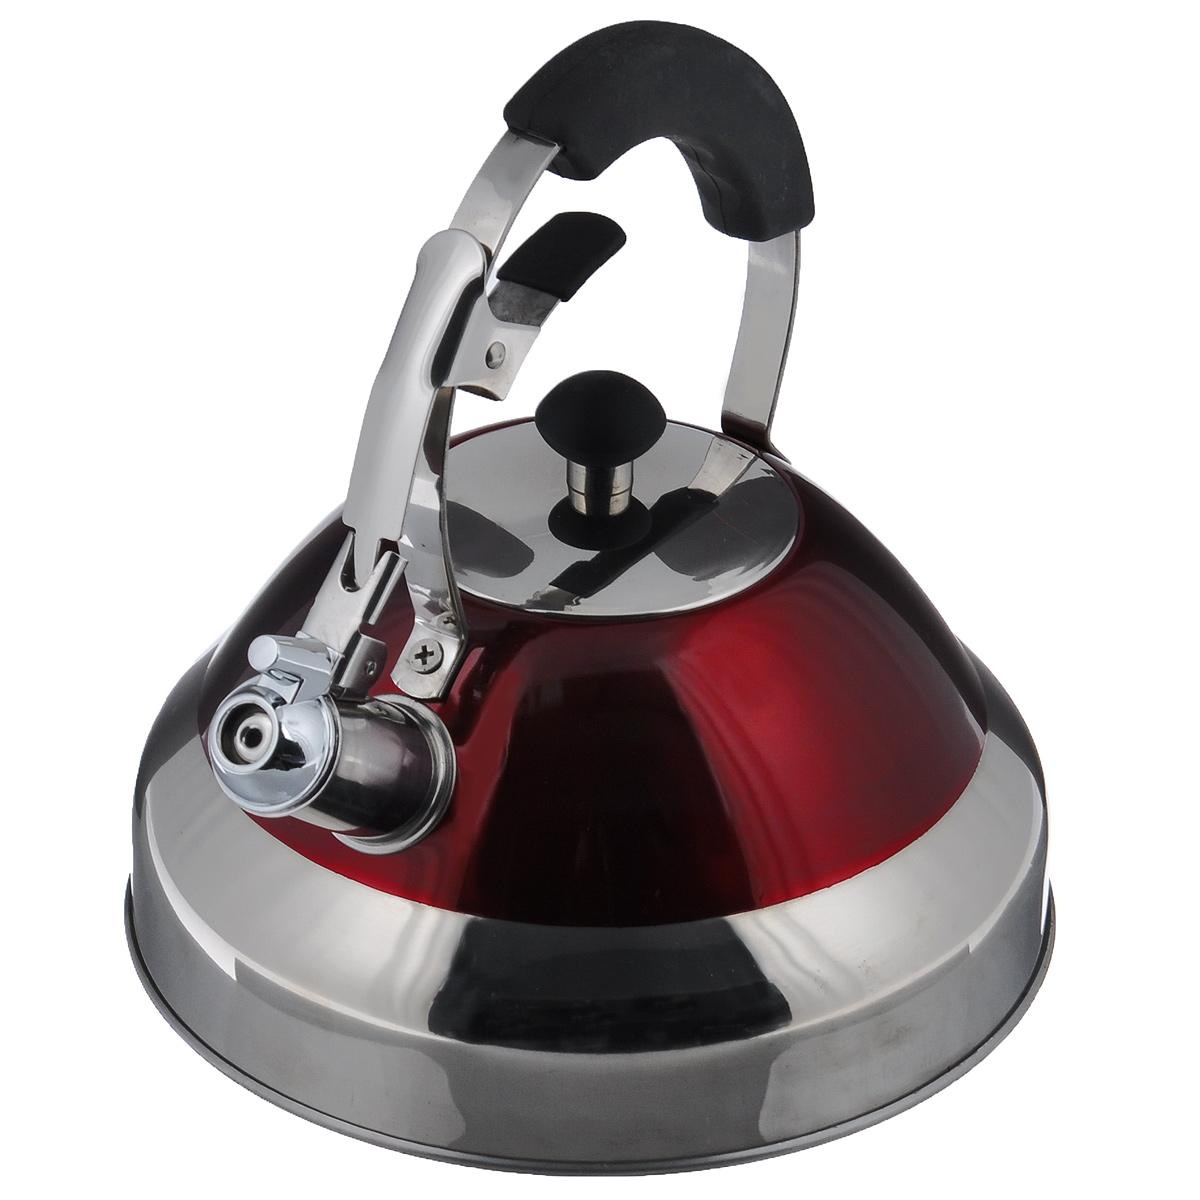 Чайник Bekker De Luxe со свистком, цвет: красный, 2,7 л. BK-S423BK-S423Чайник Bekker De Luxe выполнен из высококачественной нержавеющей стали, что обеспечивает долговечность использования. Внешнее цветное эмалевое покрытие придает приятный внешний вид. Металлическая фиксированная ручка с силиконовым покрытием делает использование чайника очень удобным и безопасным. Чайник снабжен свистком и устройством для открывания носика. Изделие оснащено капсулированным дном для лучшего распространения тепла. Можно мыть в посудомоечной машине. Пригоден для всех видов плит кроме индукционных.